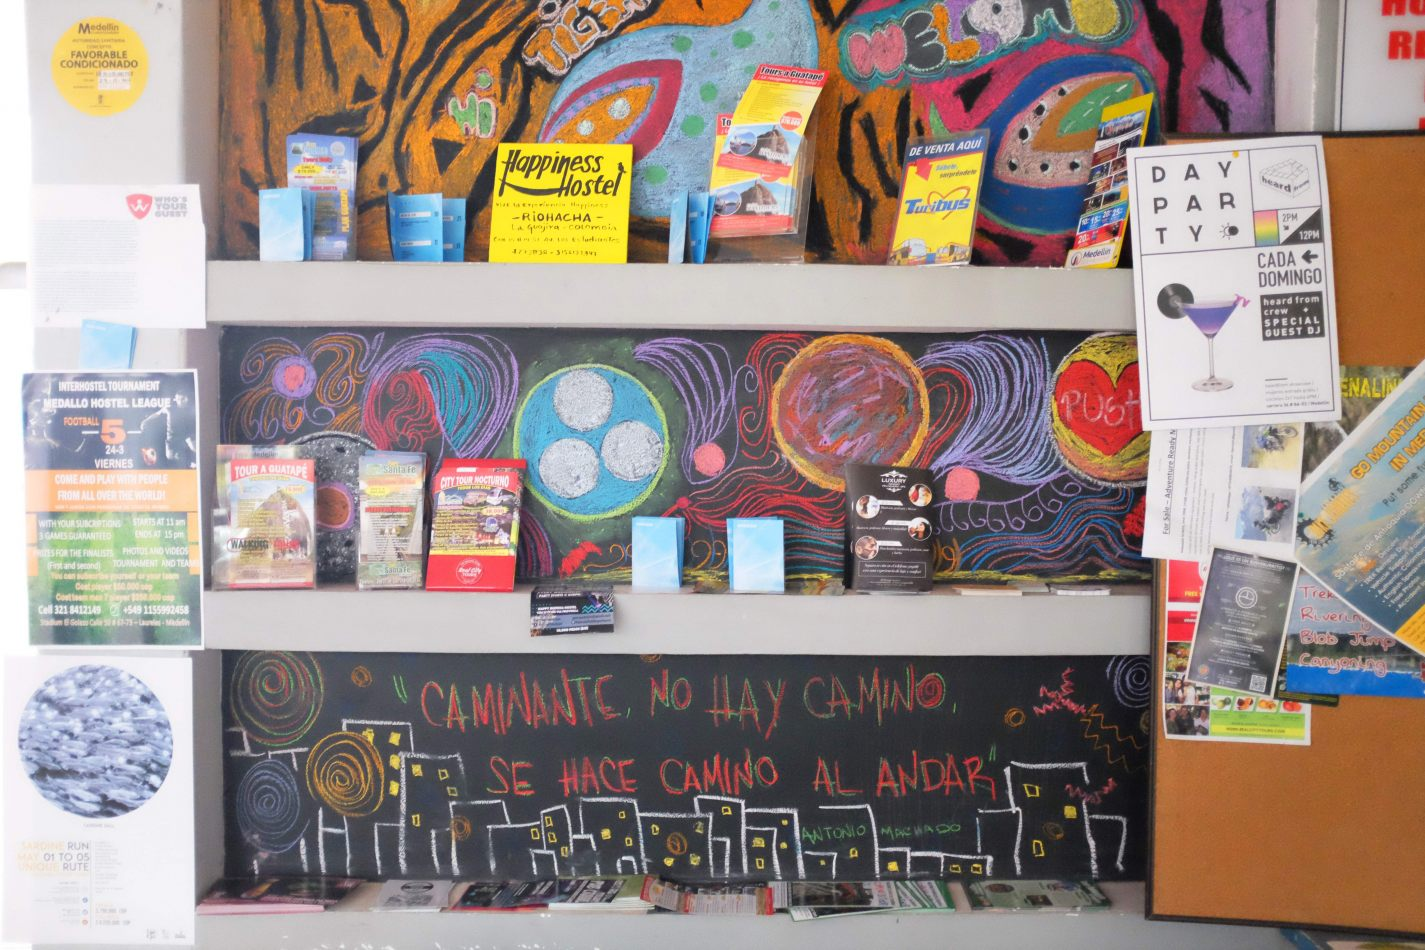 Hibiscus & Nomada : - - Tiger Paw Hostel